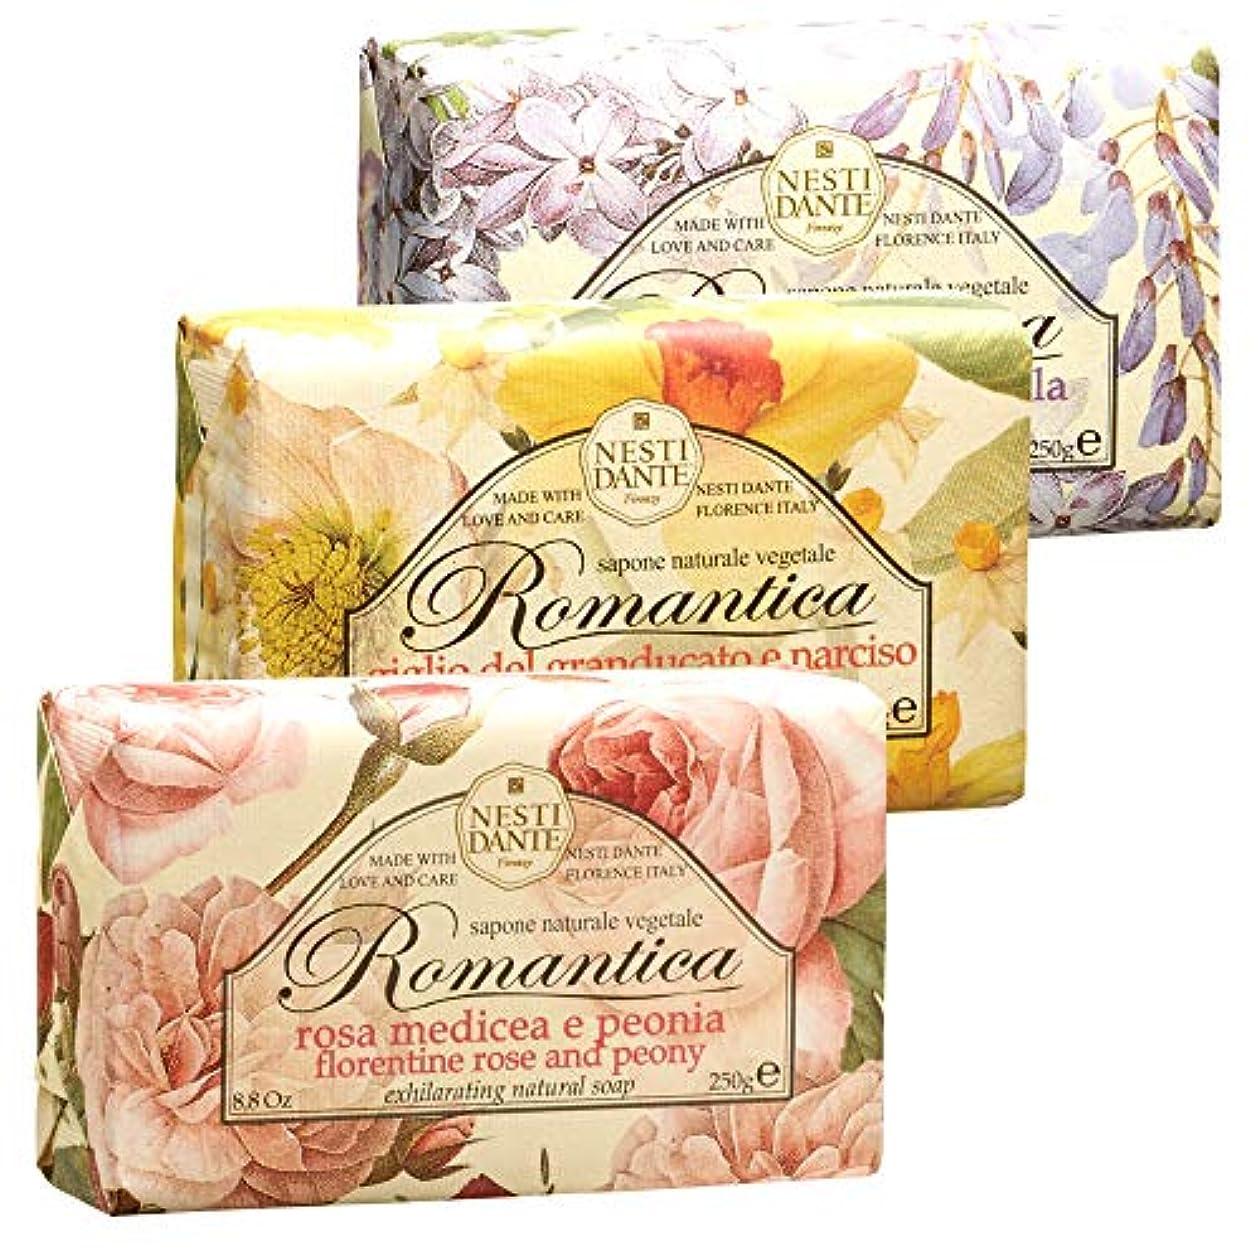 傘咲く失礼なイタリアお土産 ネスティ ロマンティカソープ 3種セット